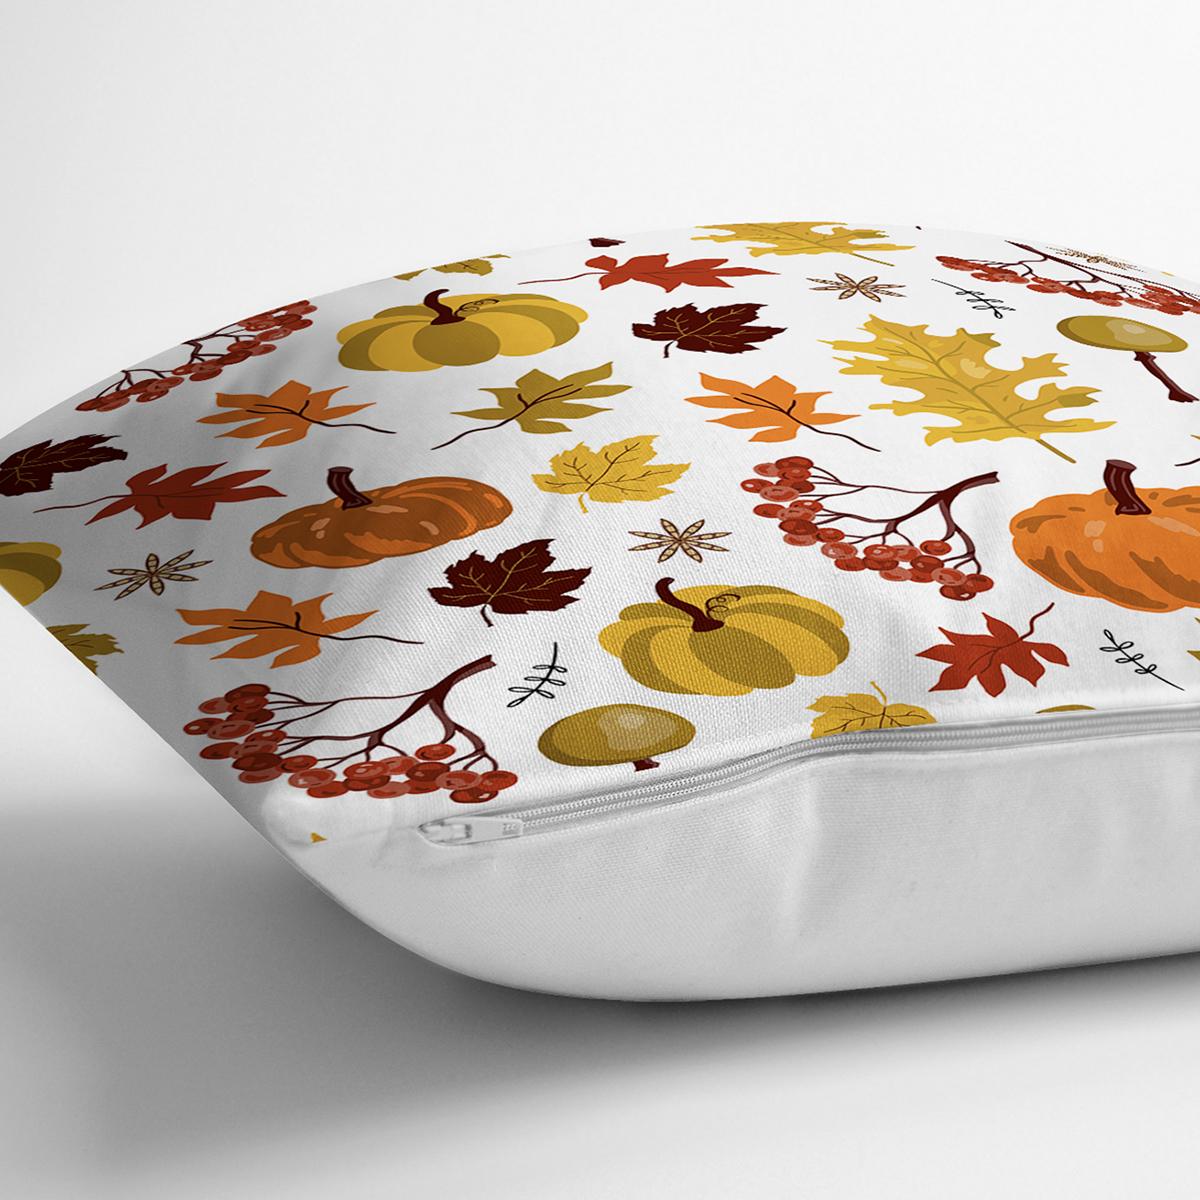 Beyaz Zemin Üzerinde Sonbahar Desenli Bal Kabağı Modern Yastık Kırlent Kılıfı Realhomes